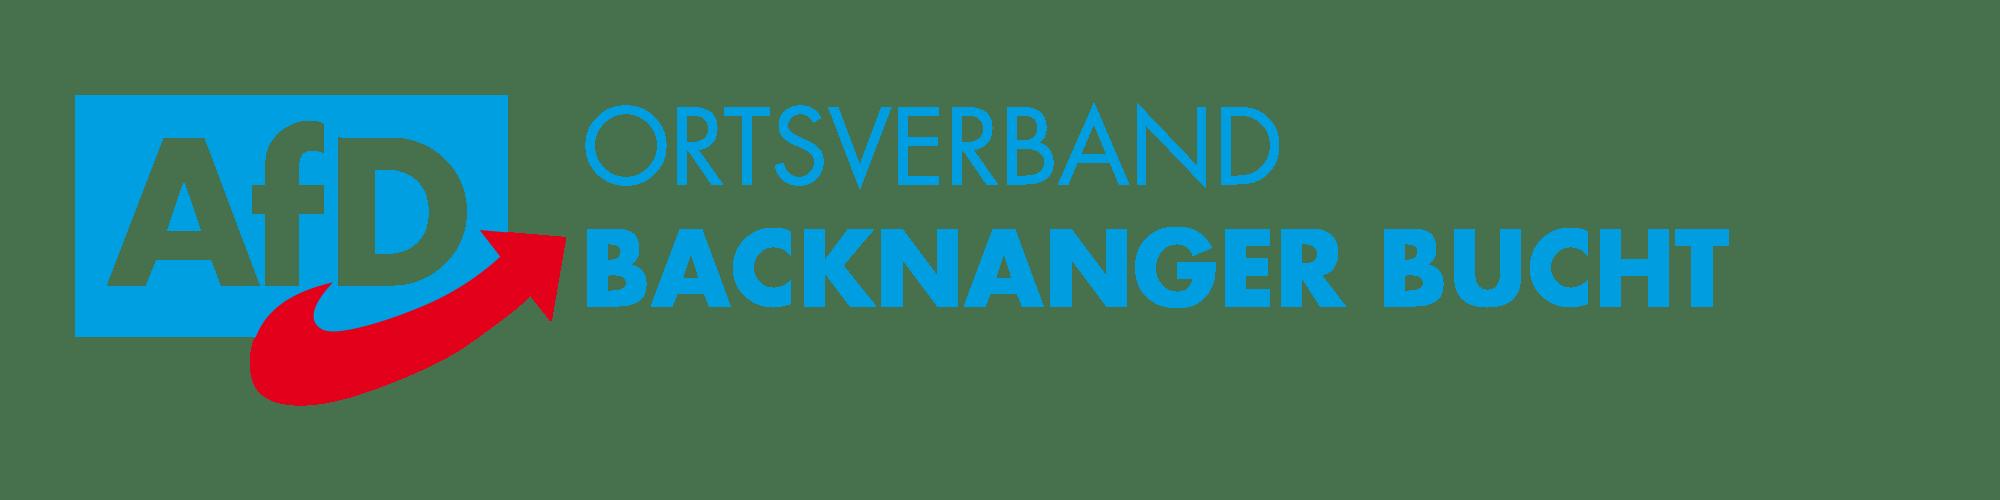 Ortsverband Backnanger Bucht